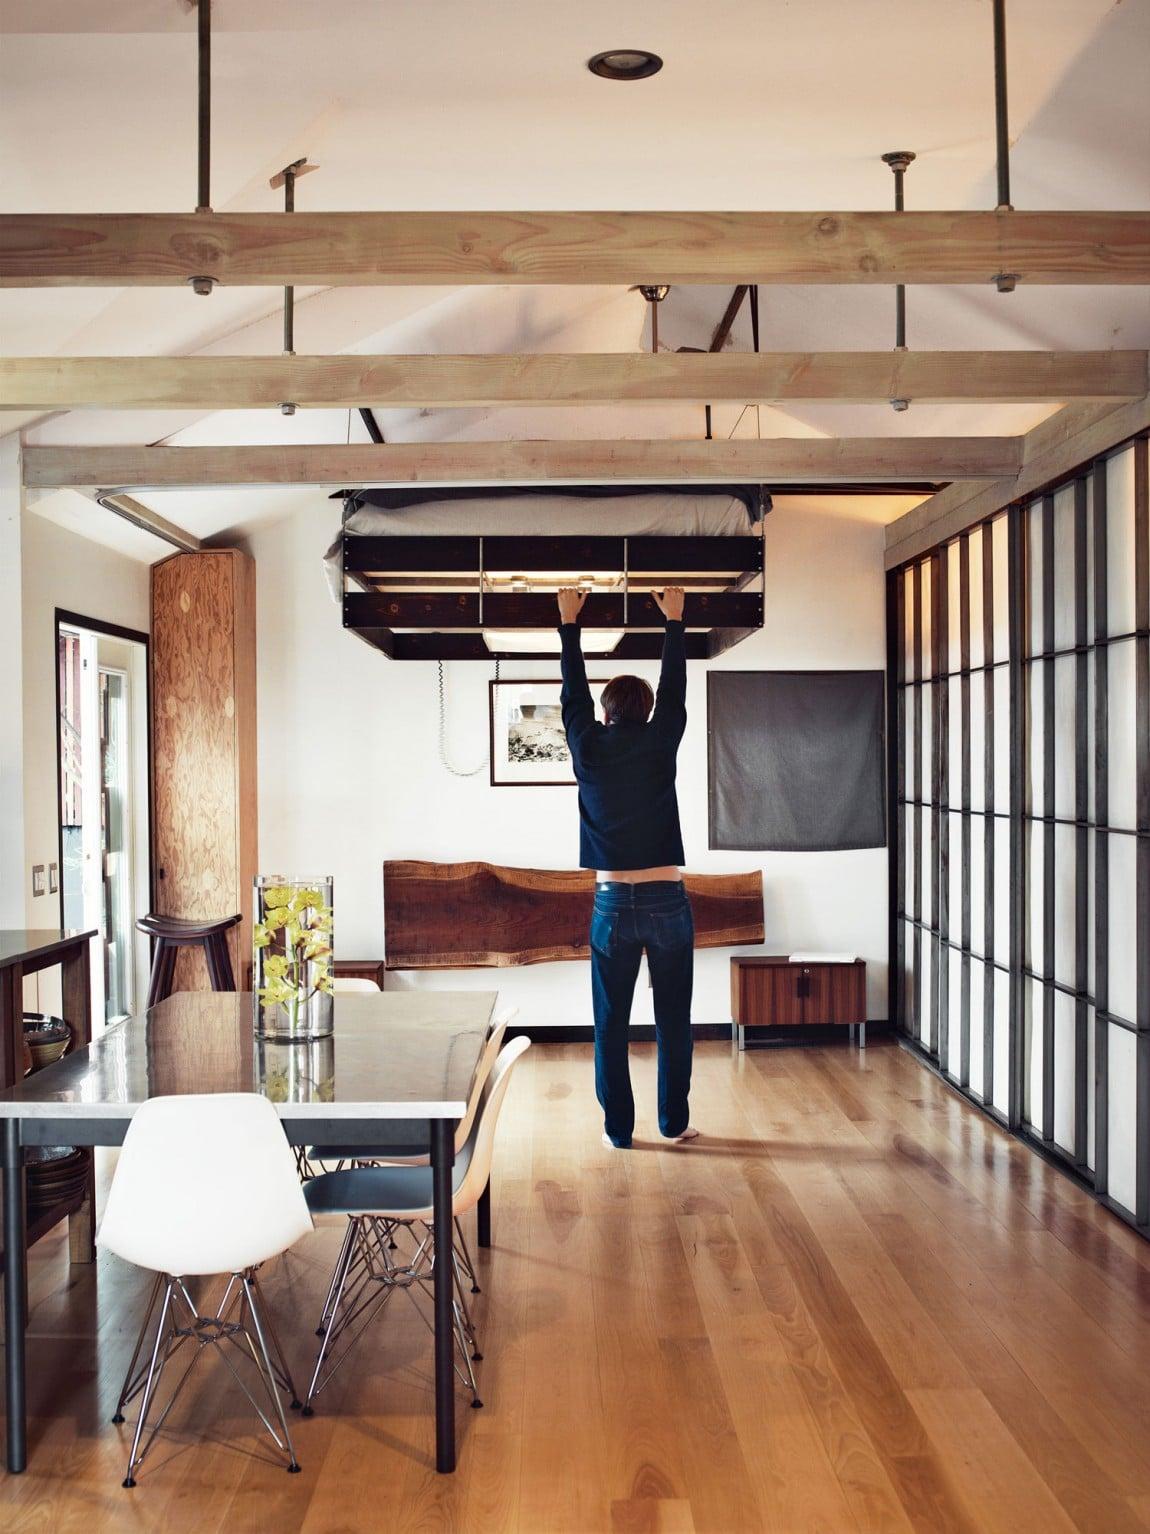 Dise o de casa muy peque a de madera fachada e - Sillas colgantes del techo ...